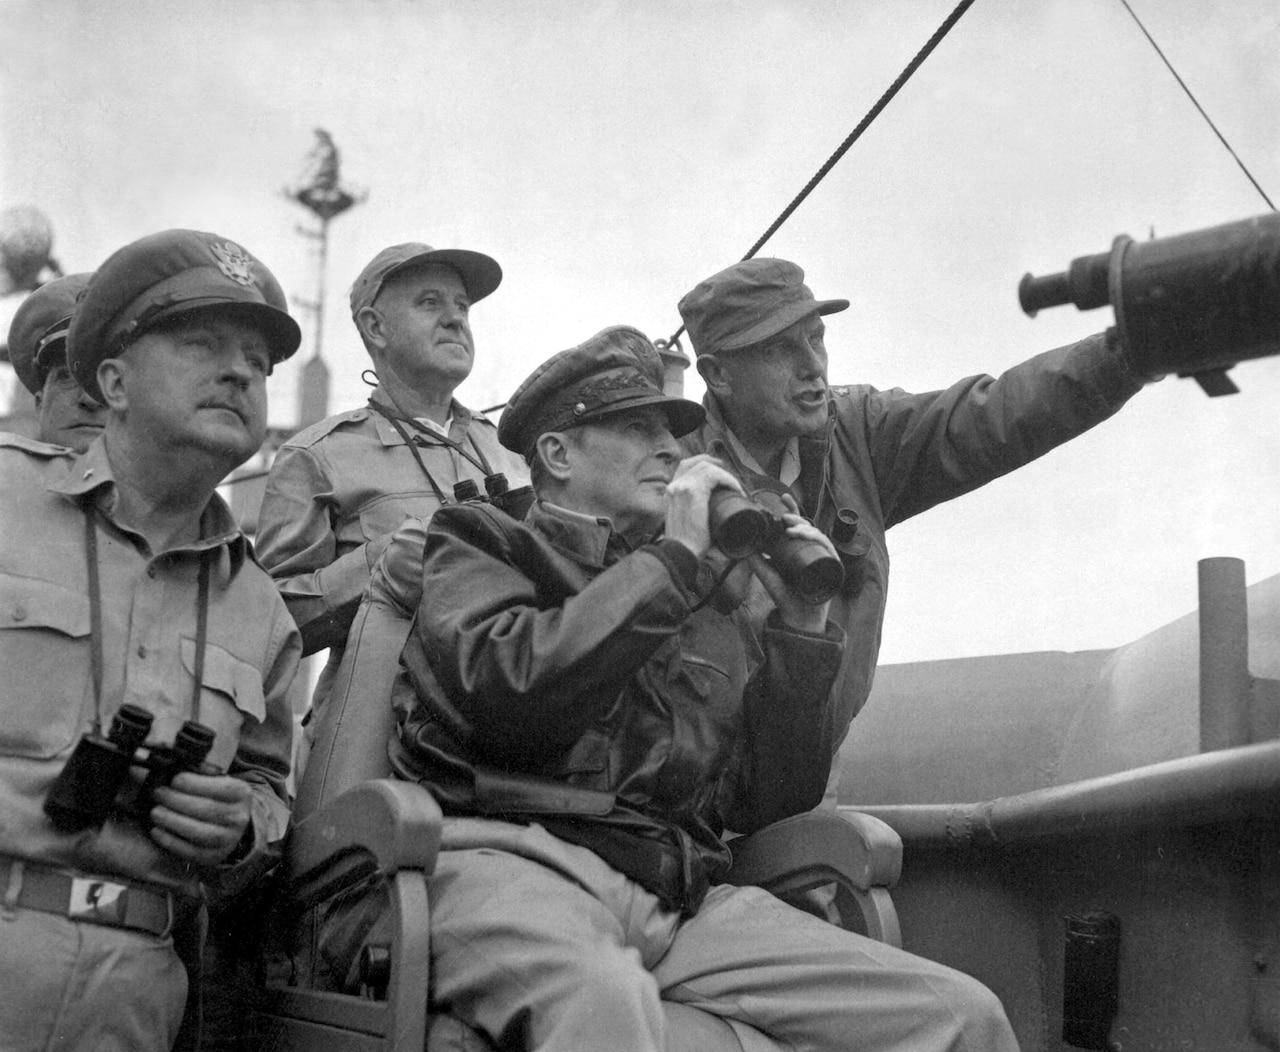 A general observes a battle.